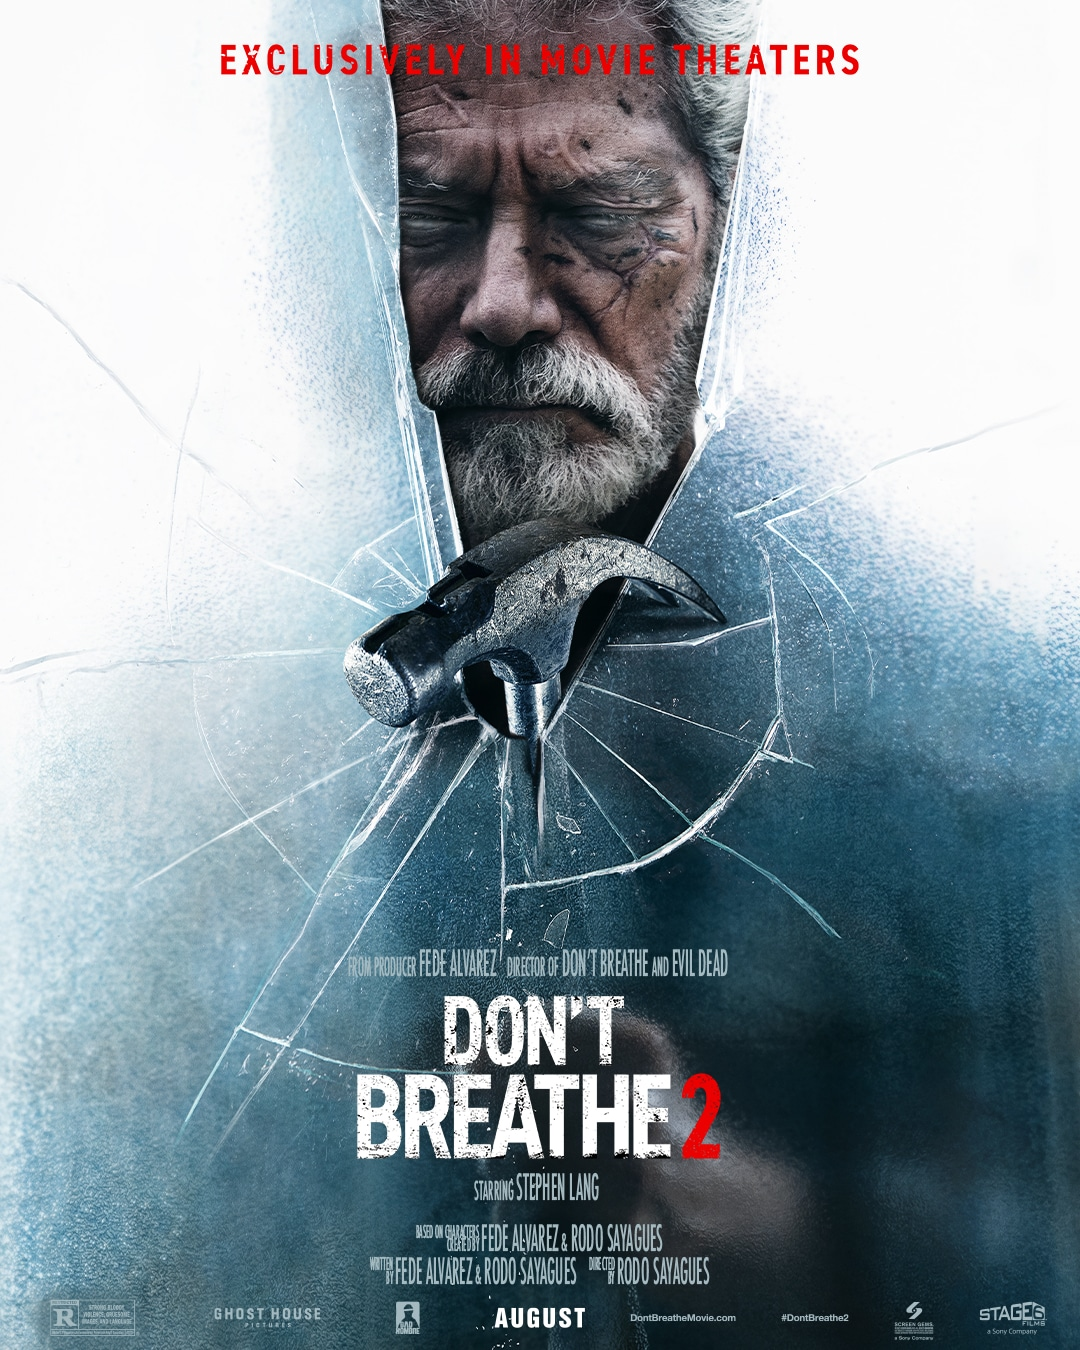 Don't Breathe 2 – Teaser Poster 2